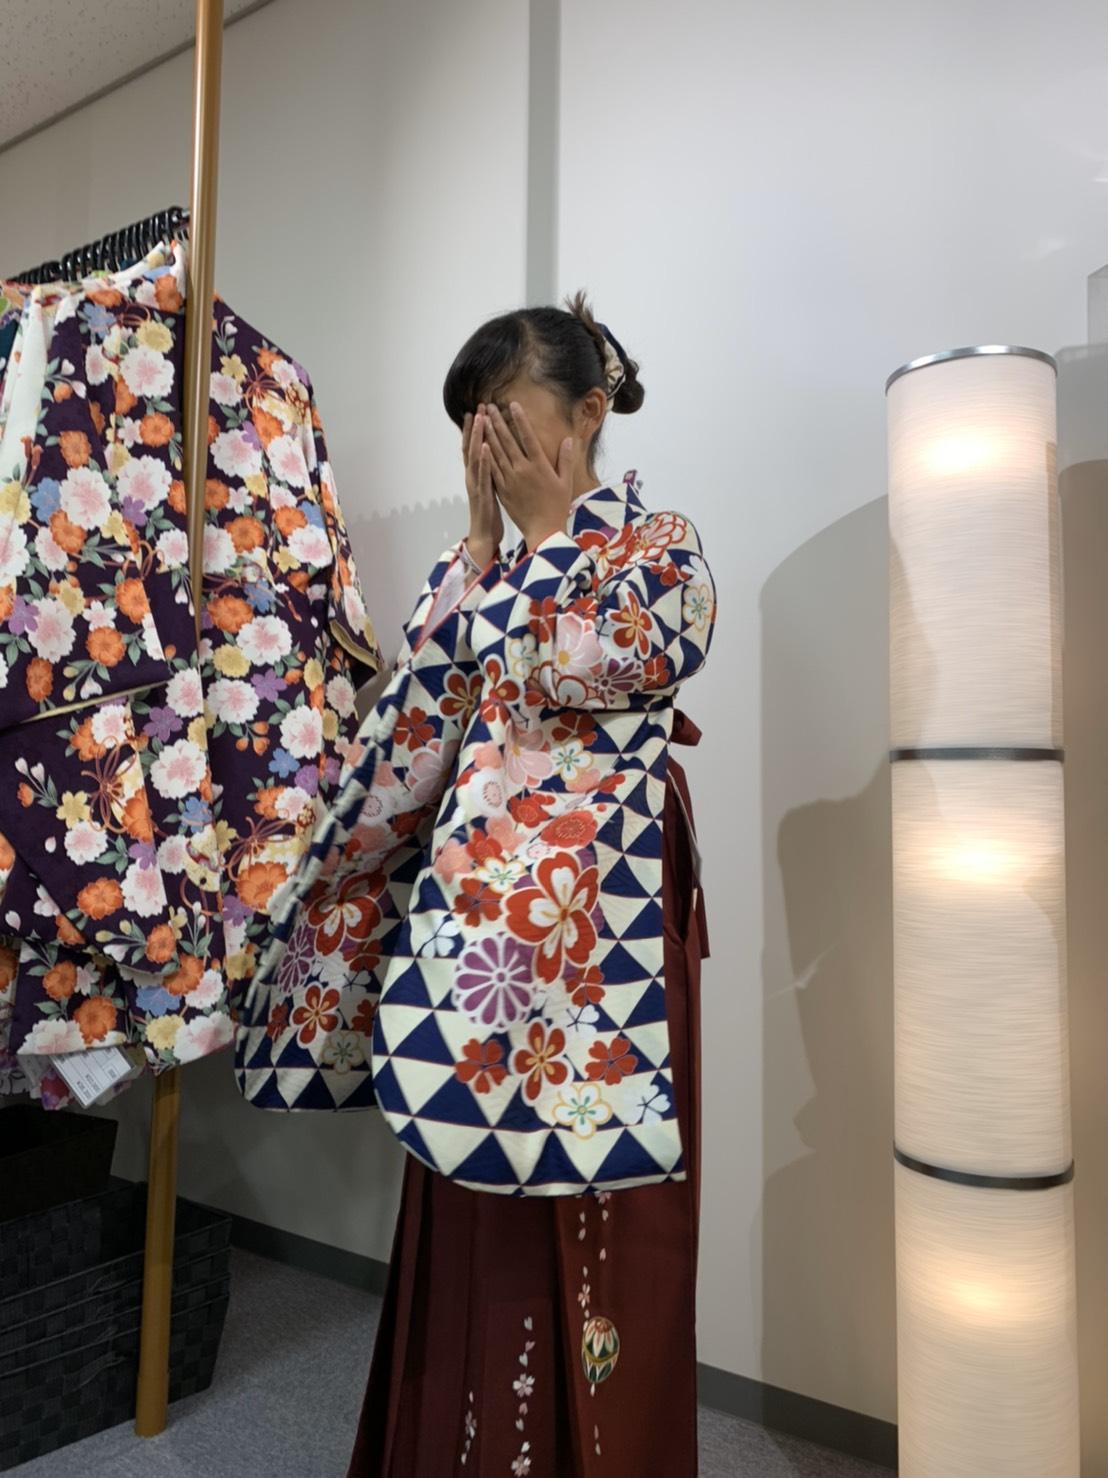 卒業式で借りる袴を見に行ってきました!